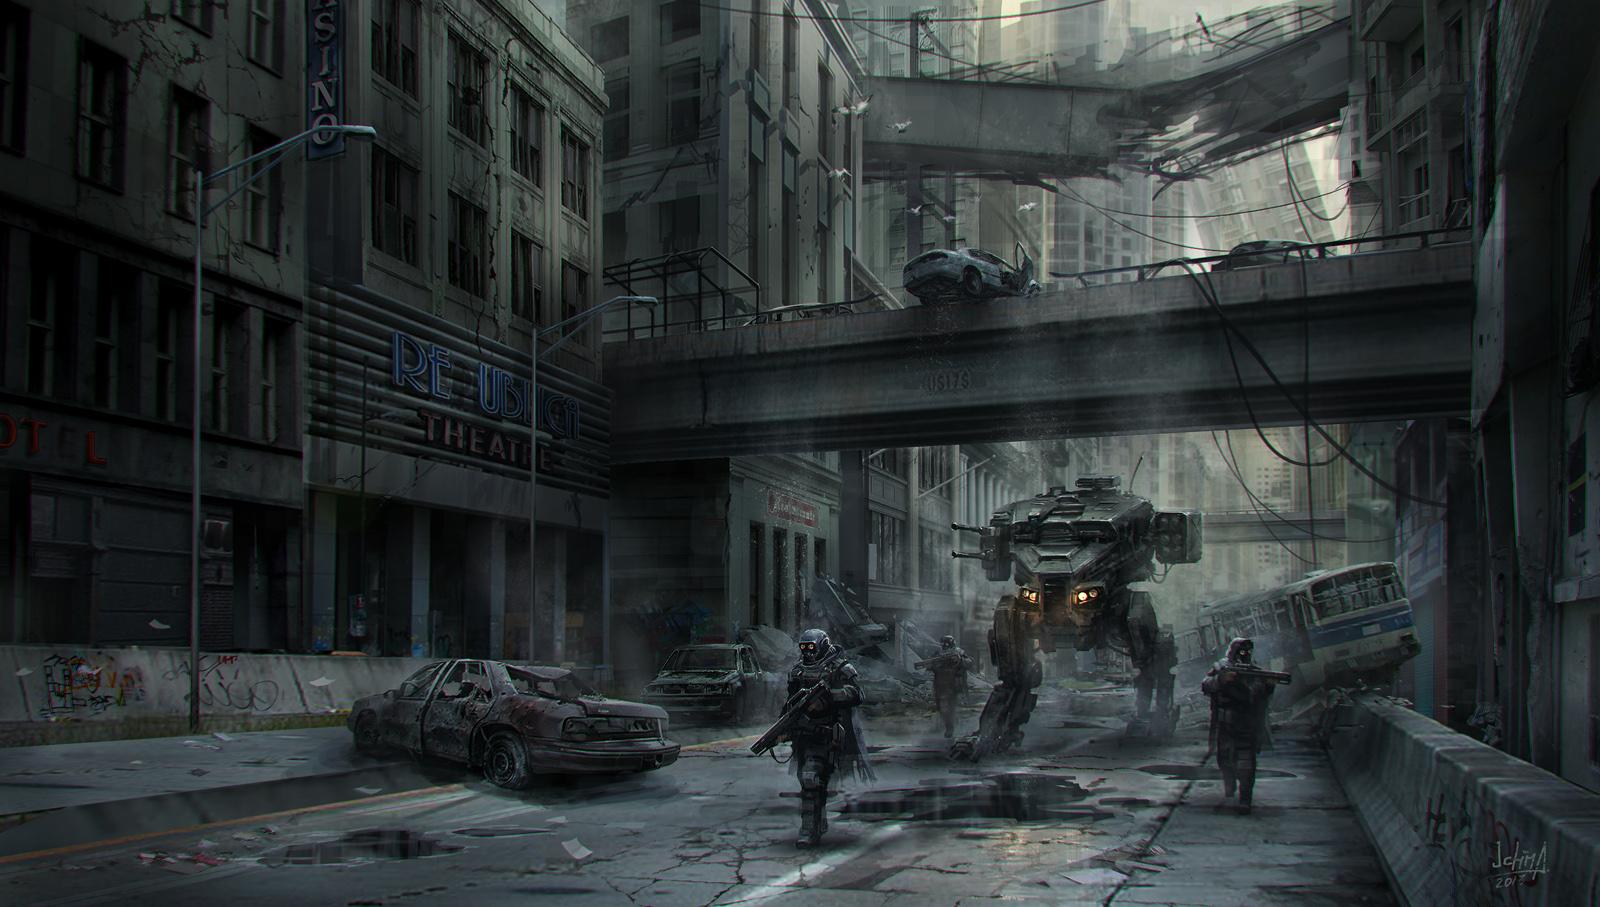 The Futuristic Sci Fi Art Of Alex Ichim Concept Art